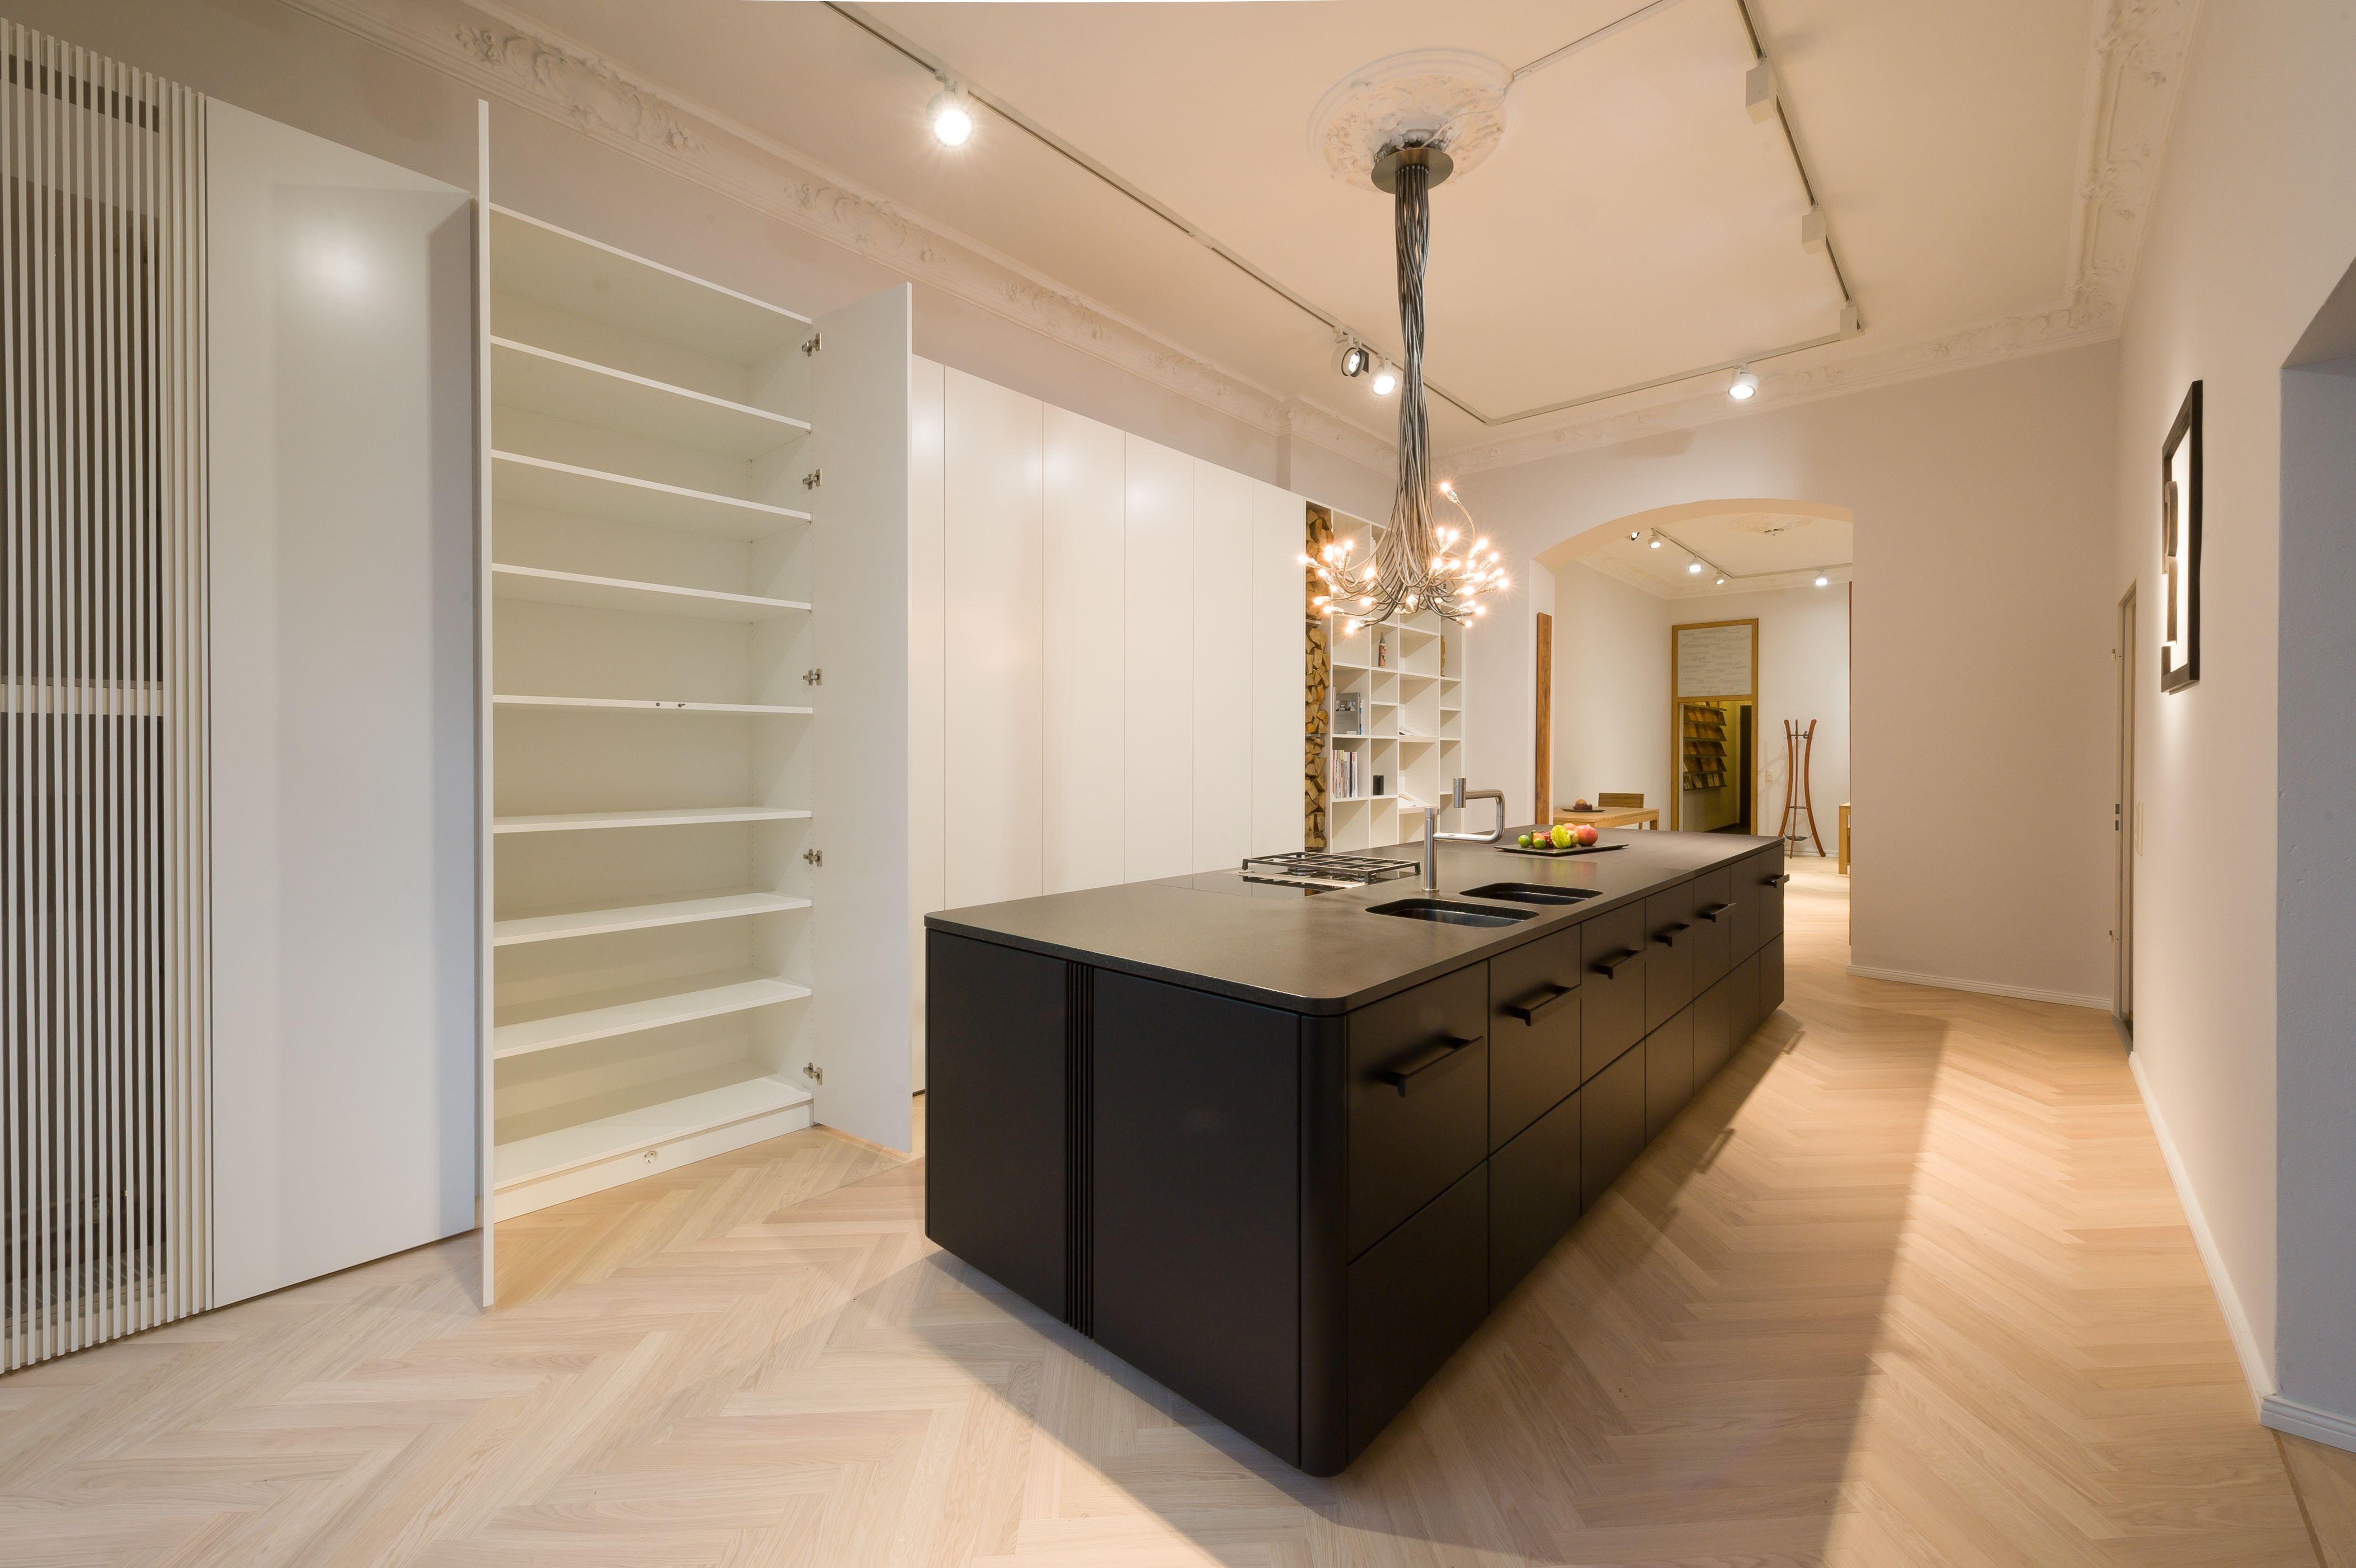 k che r uchereiche einbauschr nke schwarz lackiert der raum vor ort pinterest. Black Bedroom Furniture Sets. Home Design Ideas